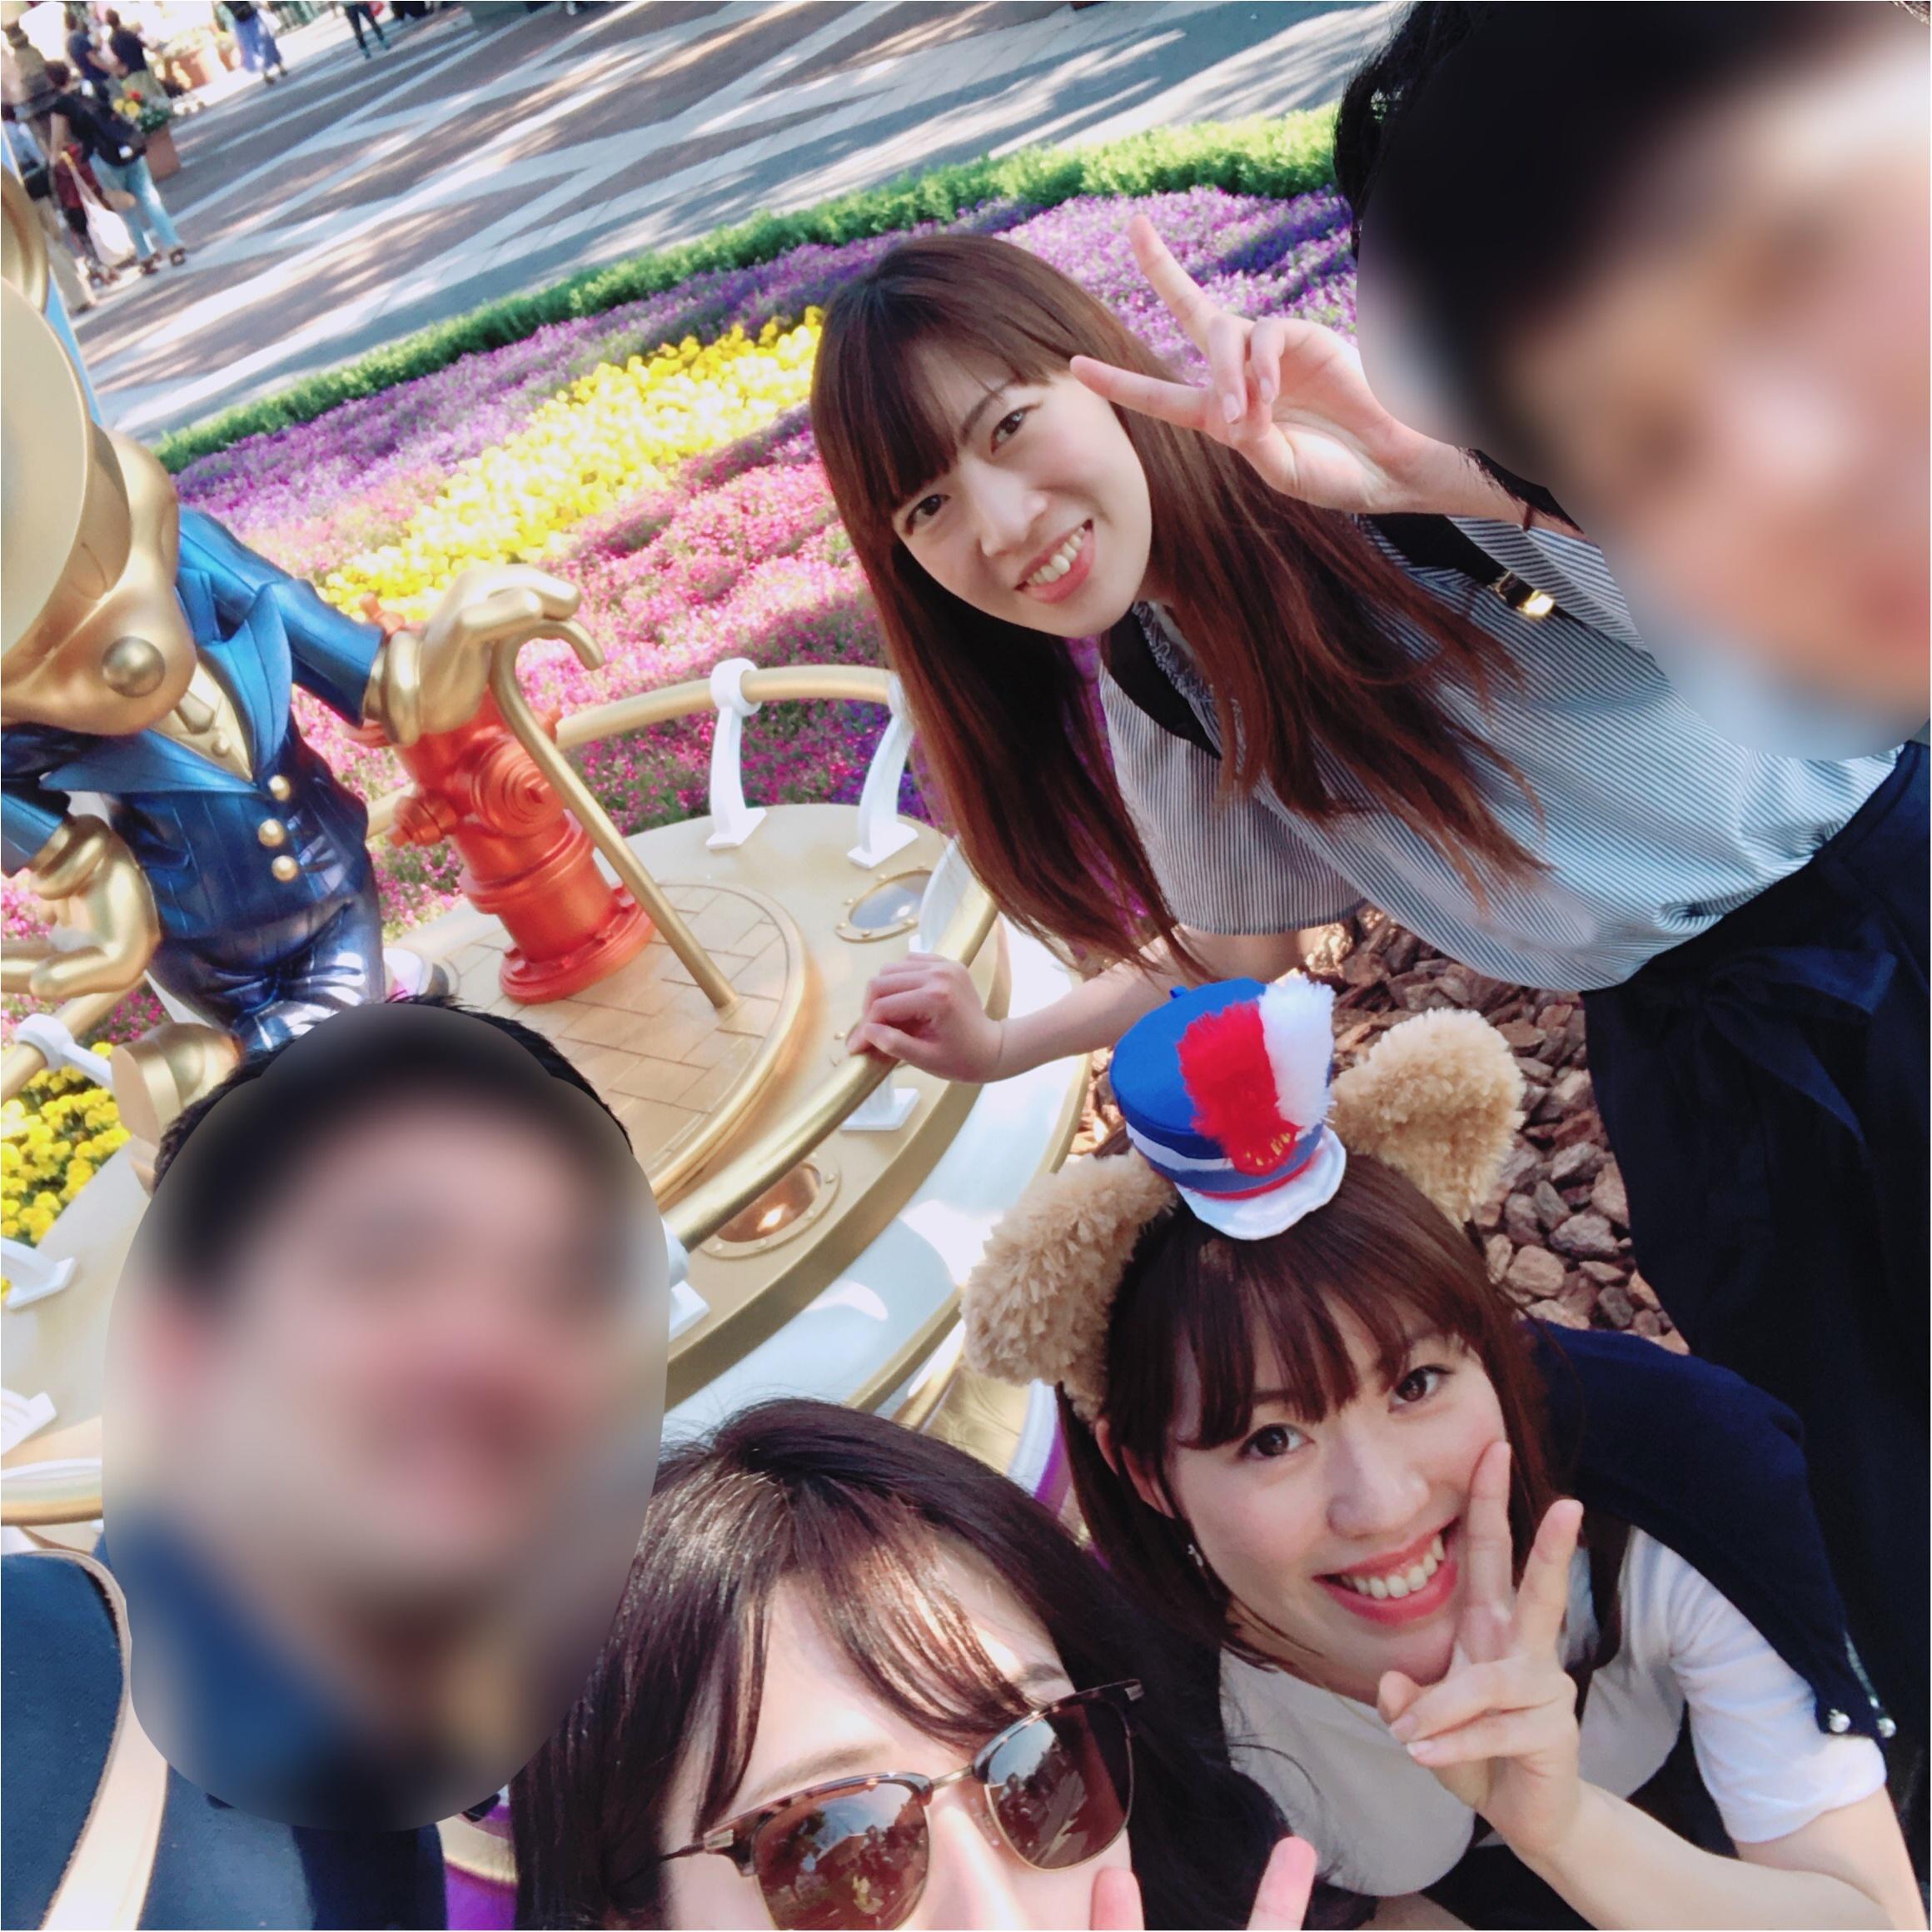 【東京ディズニーシー】35周年!可愛すぎるモニュメントはSNS映え間違いなし❤︎_1